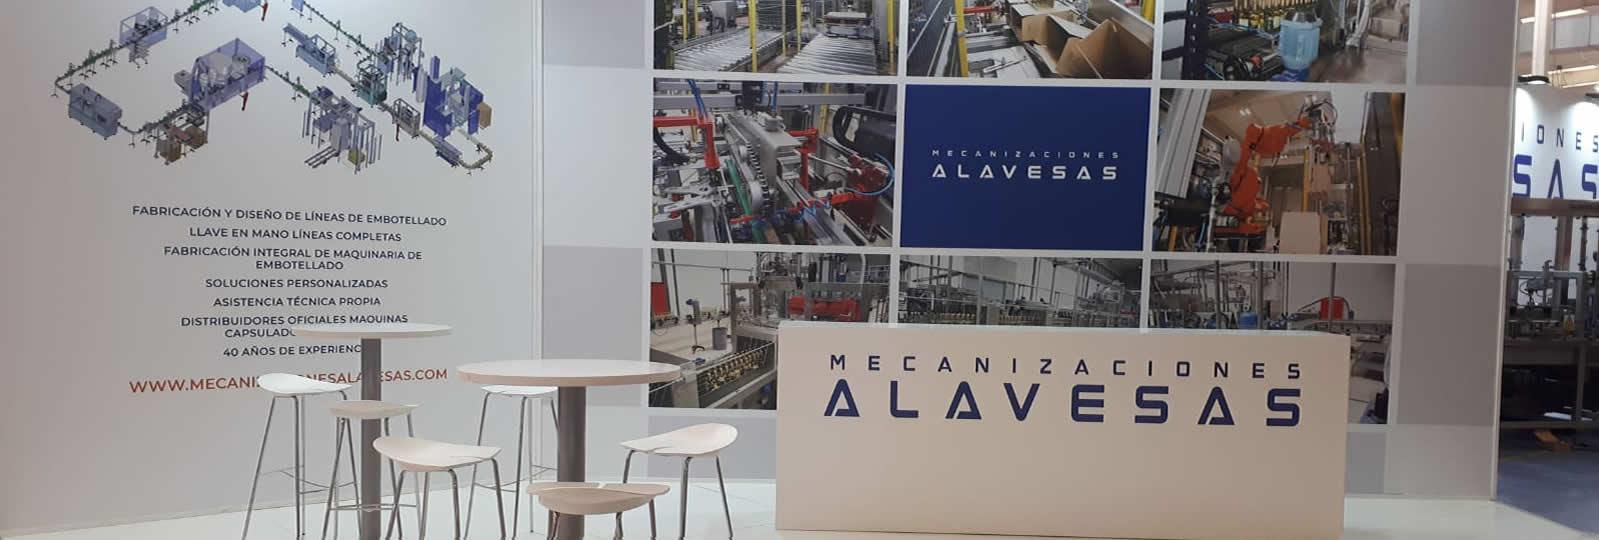 Montaik enpresa-stand bat muntatu zuen Mecanizaciones Alavesas enpresarentzat